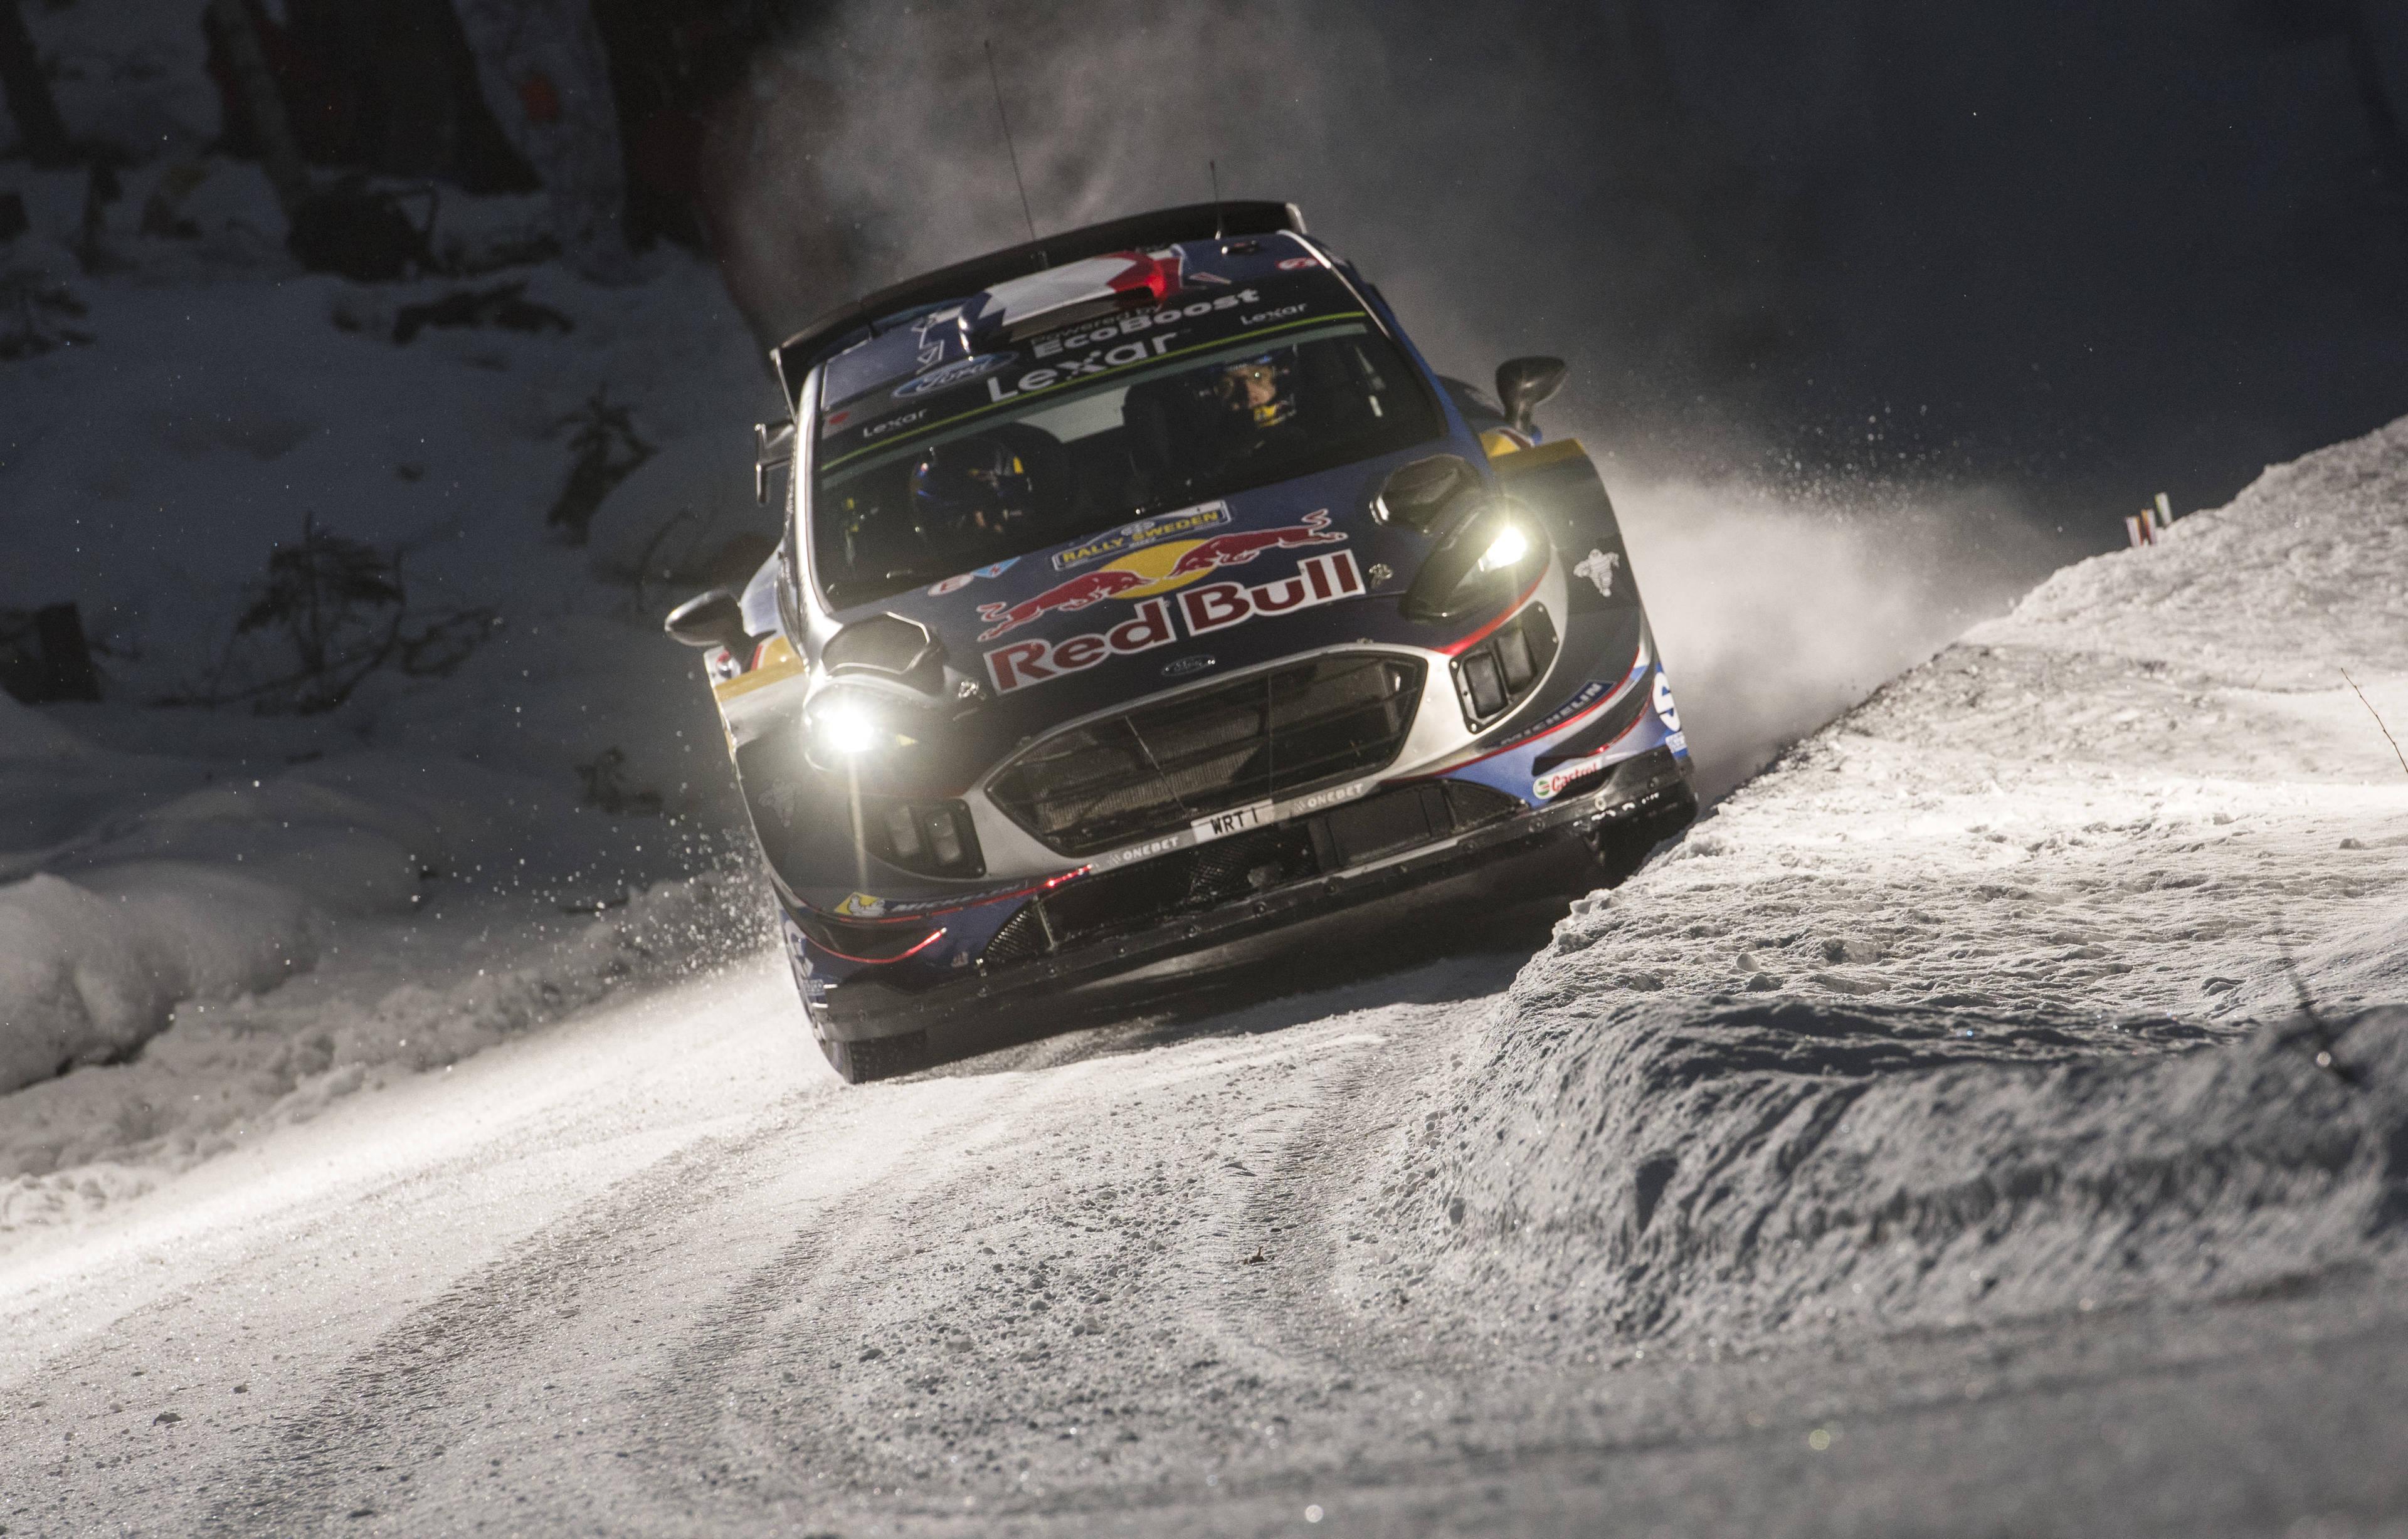 Foto: Sebastien Ogier/ Red Bull